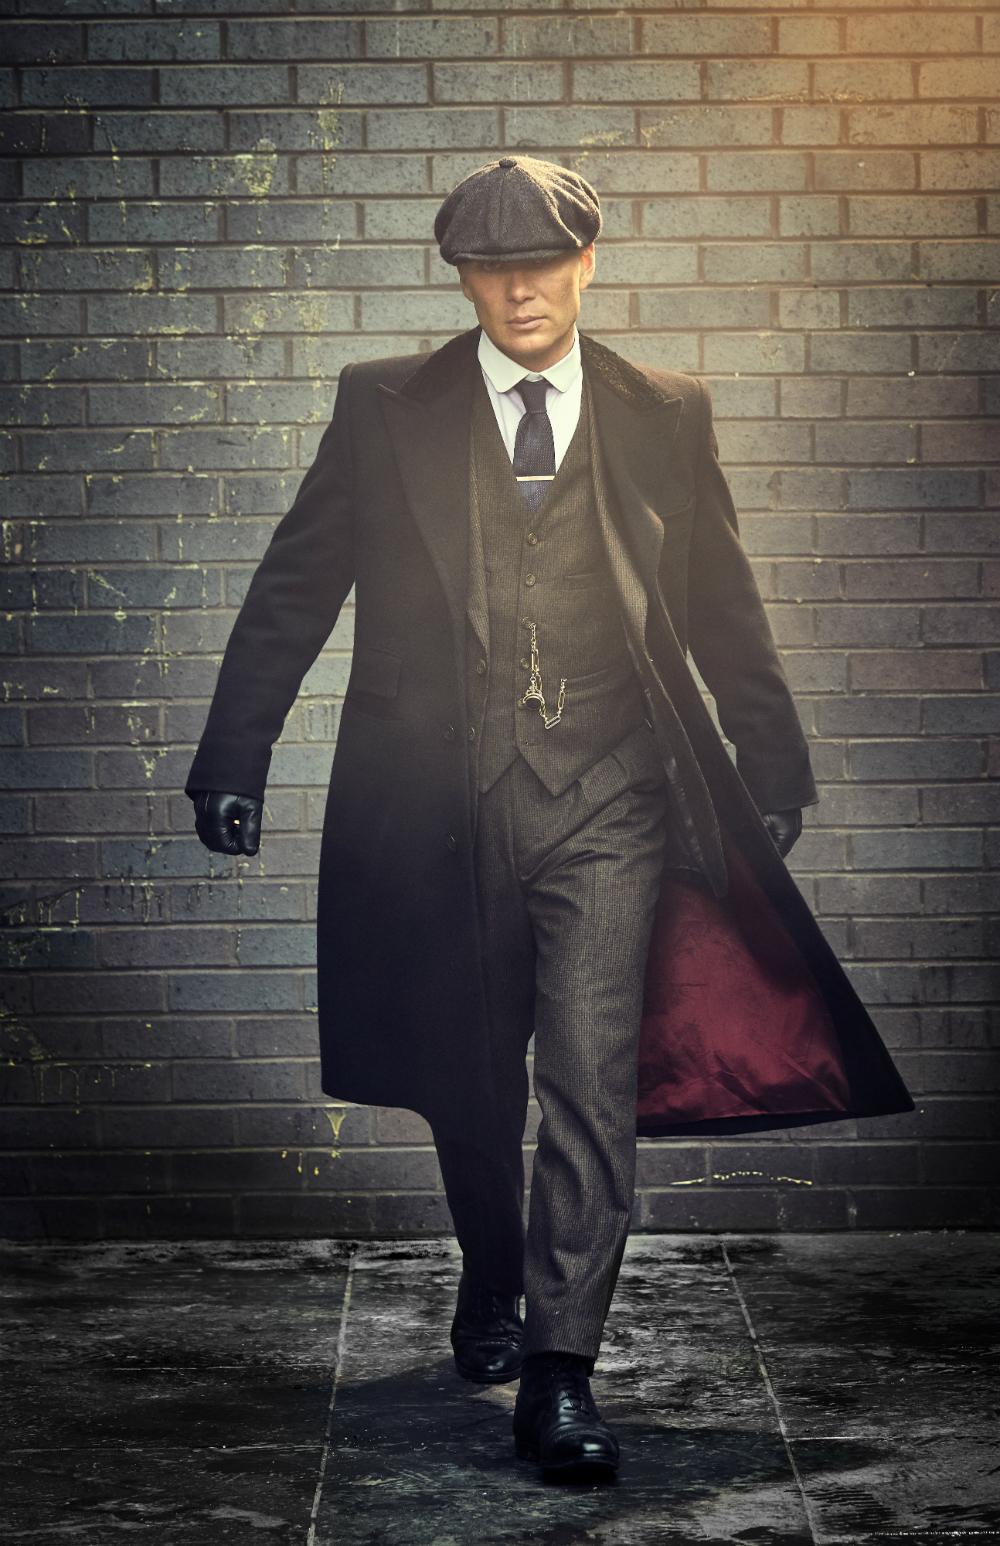 Peaky Blinders season 4\'s Cillian Murphy interview: Actor discusses ...